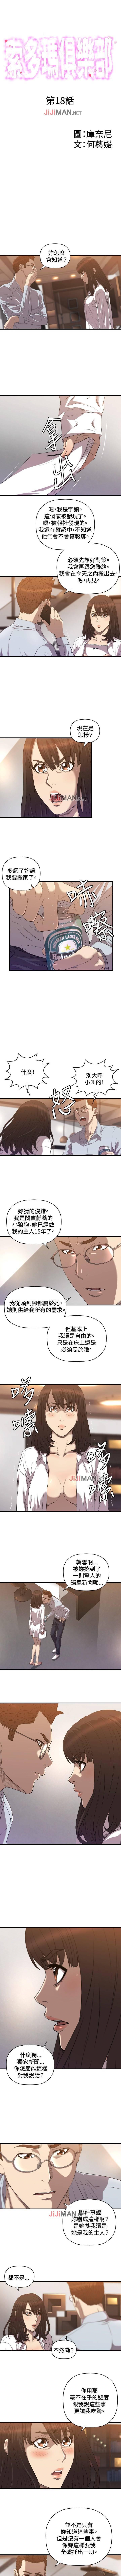 【已完结】索多玛俱乐部(作者:何藝媛&庫奈尼) 第1~32话 86